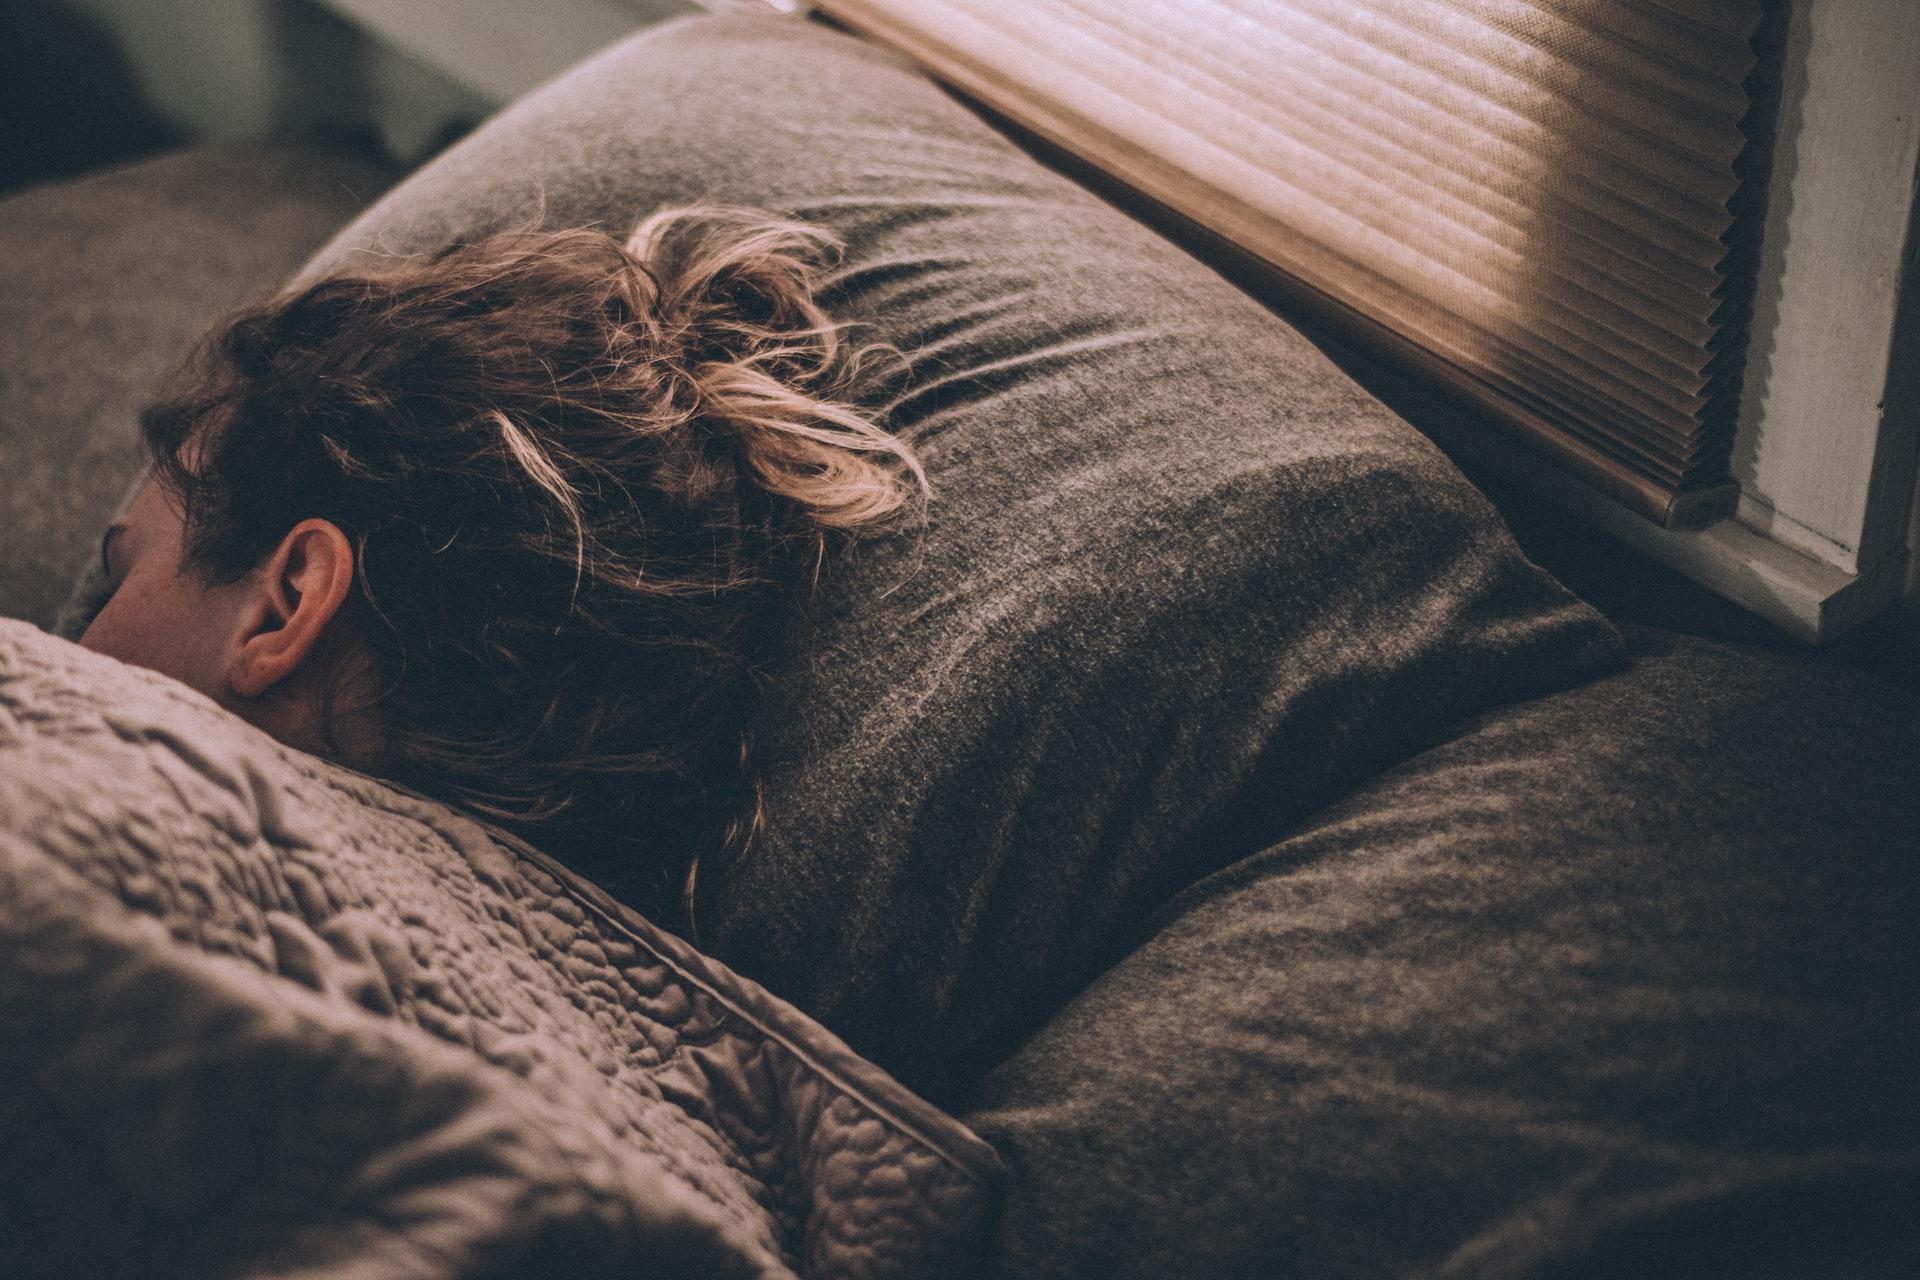 毎晩の瞑想で睡眠改善。緊張状態をゆるめて心地よい眠りを